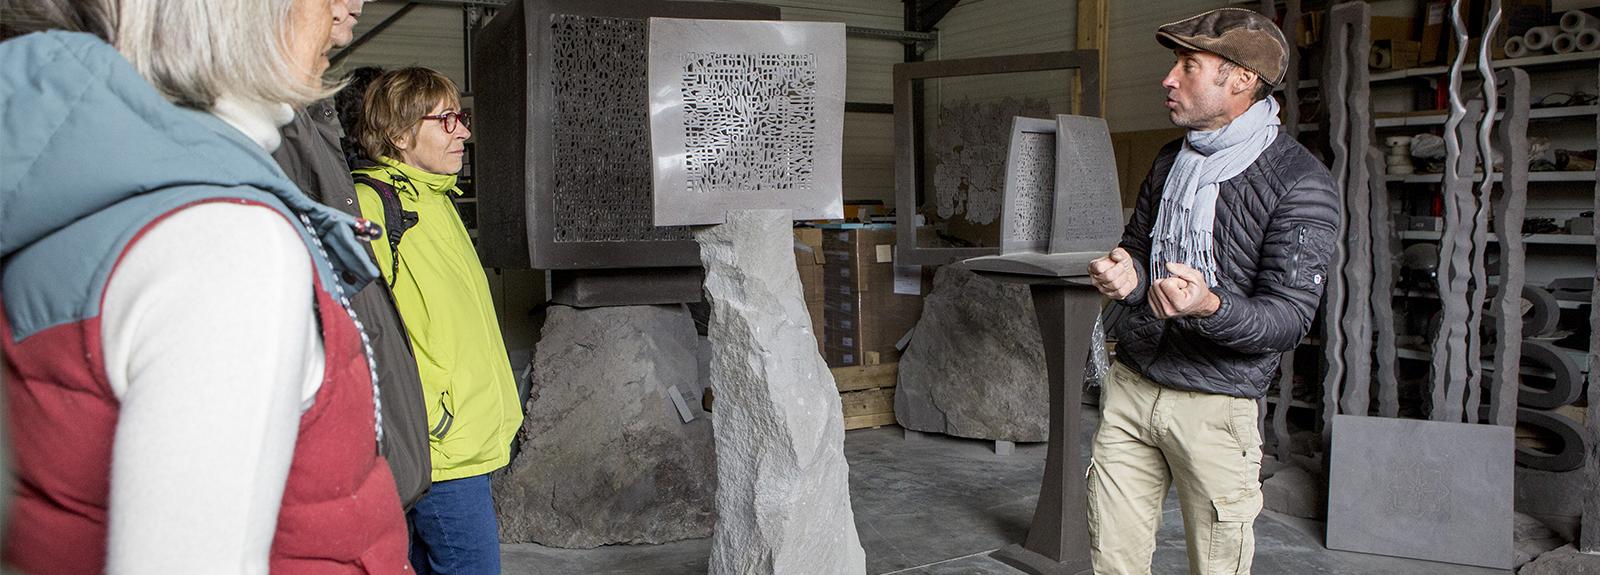 Visite de la carrière et de l'atelier de pierre de Volvic